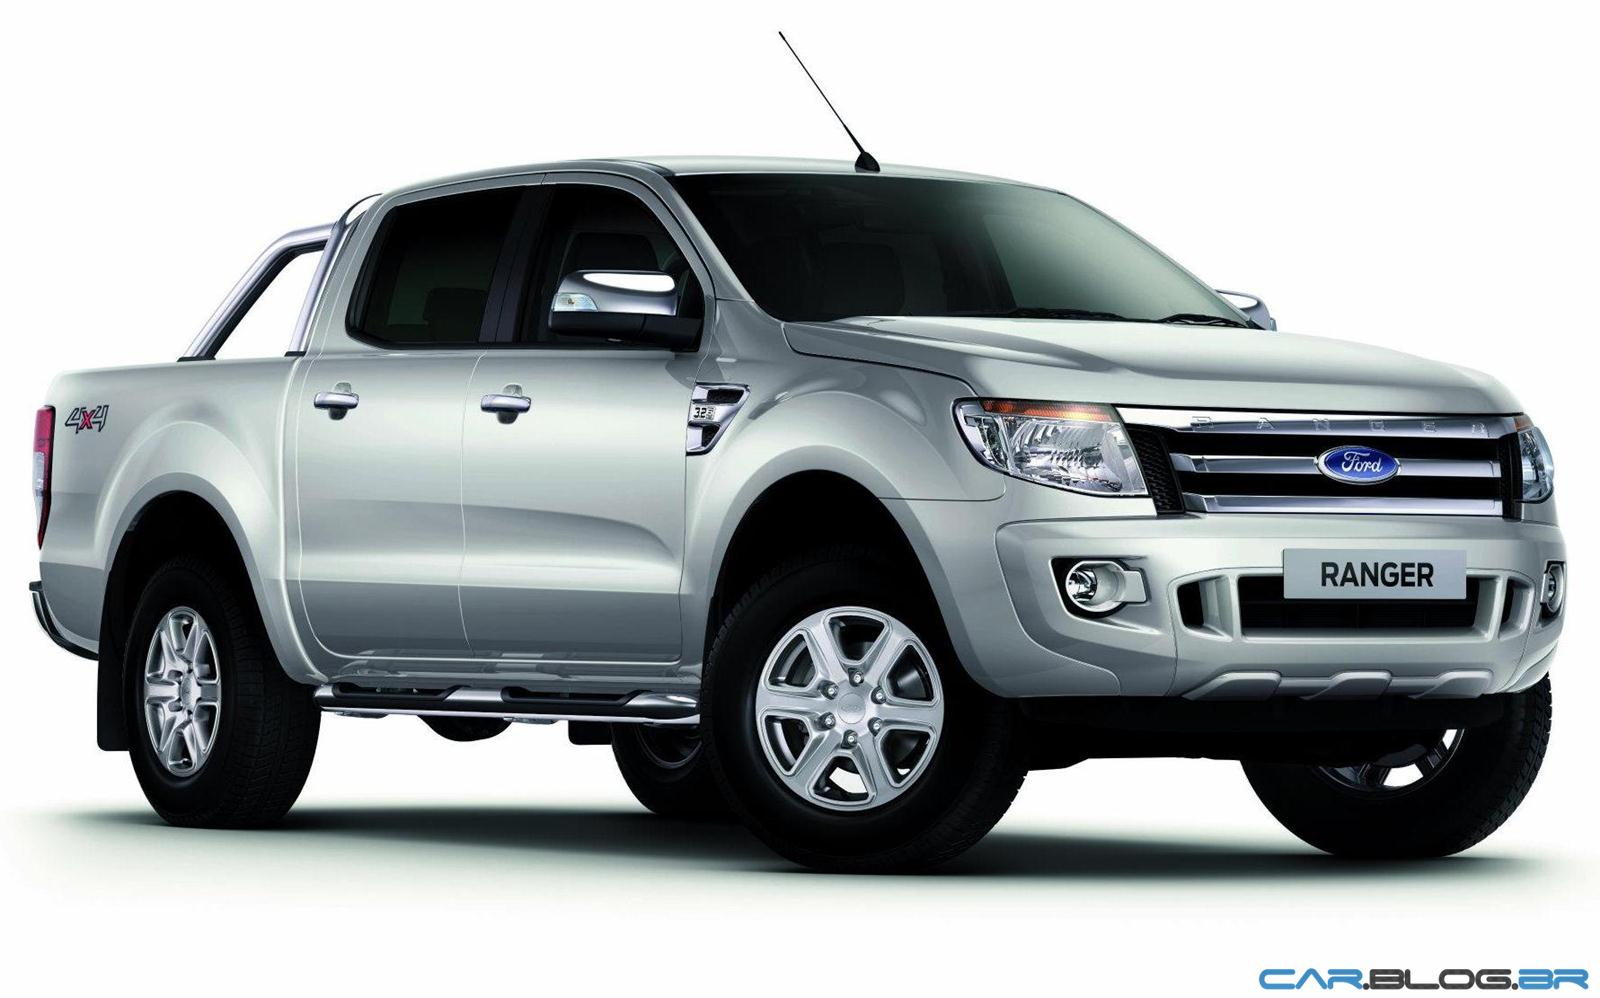 Nova ford ranger 2013 xlt limited 3 2 diesel prata